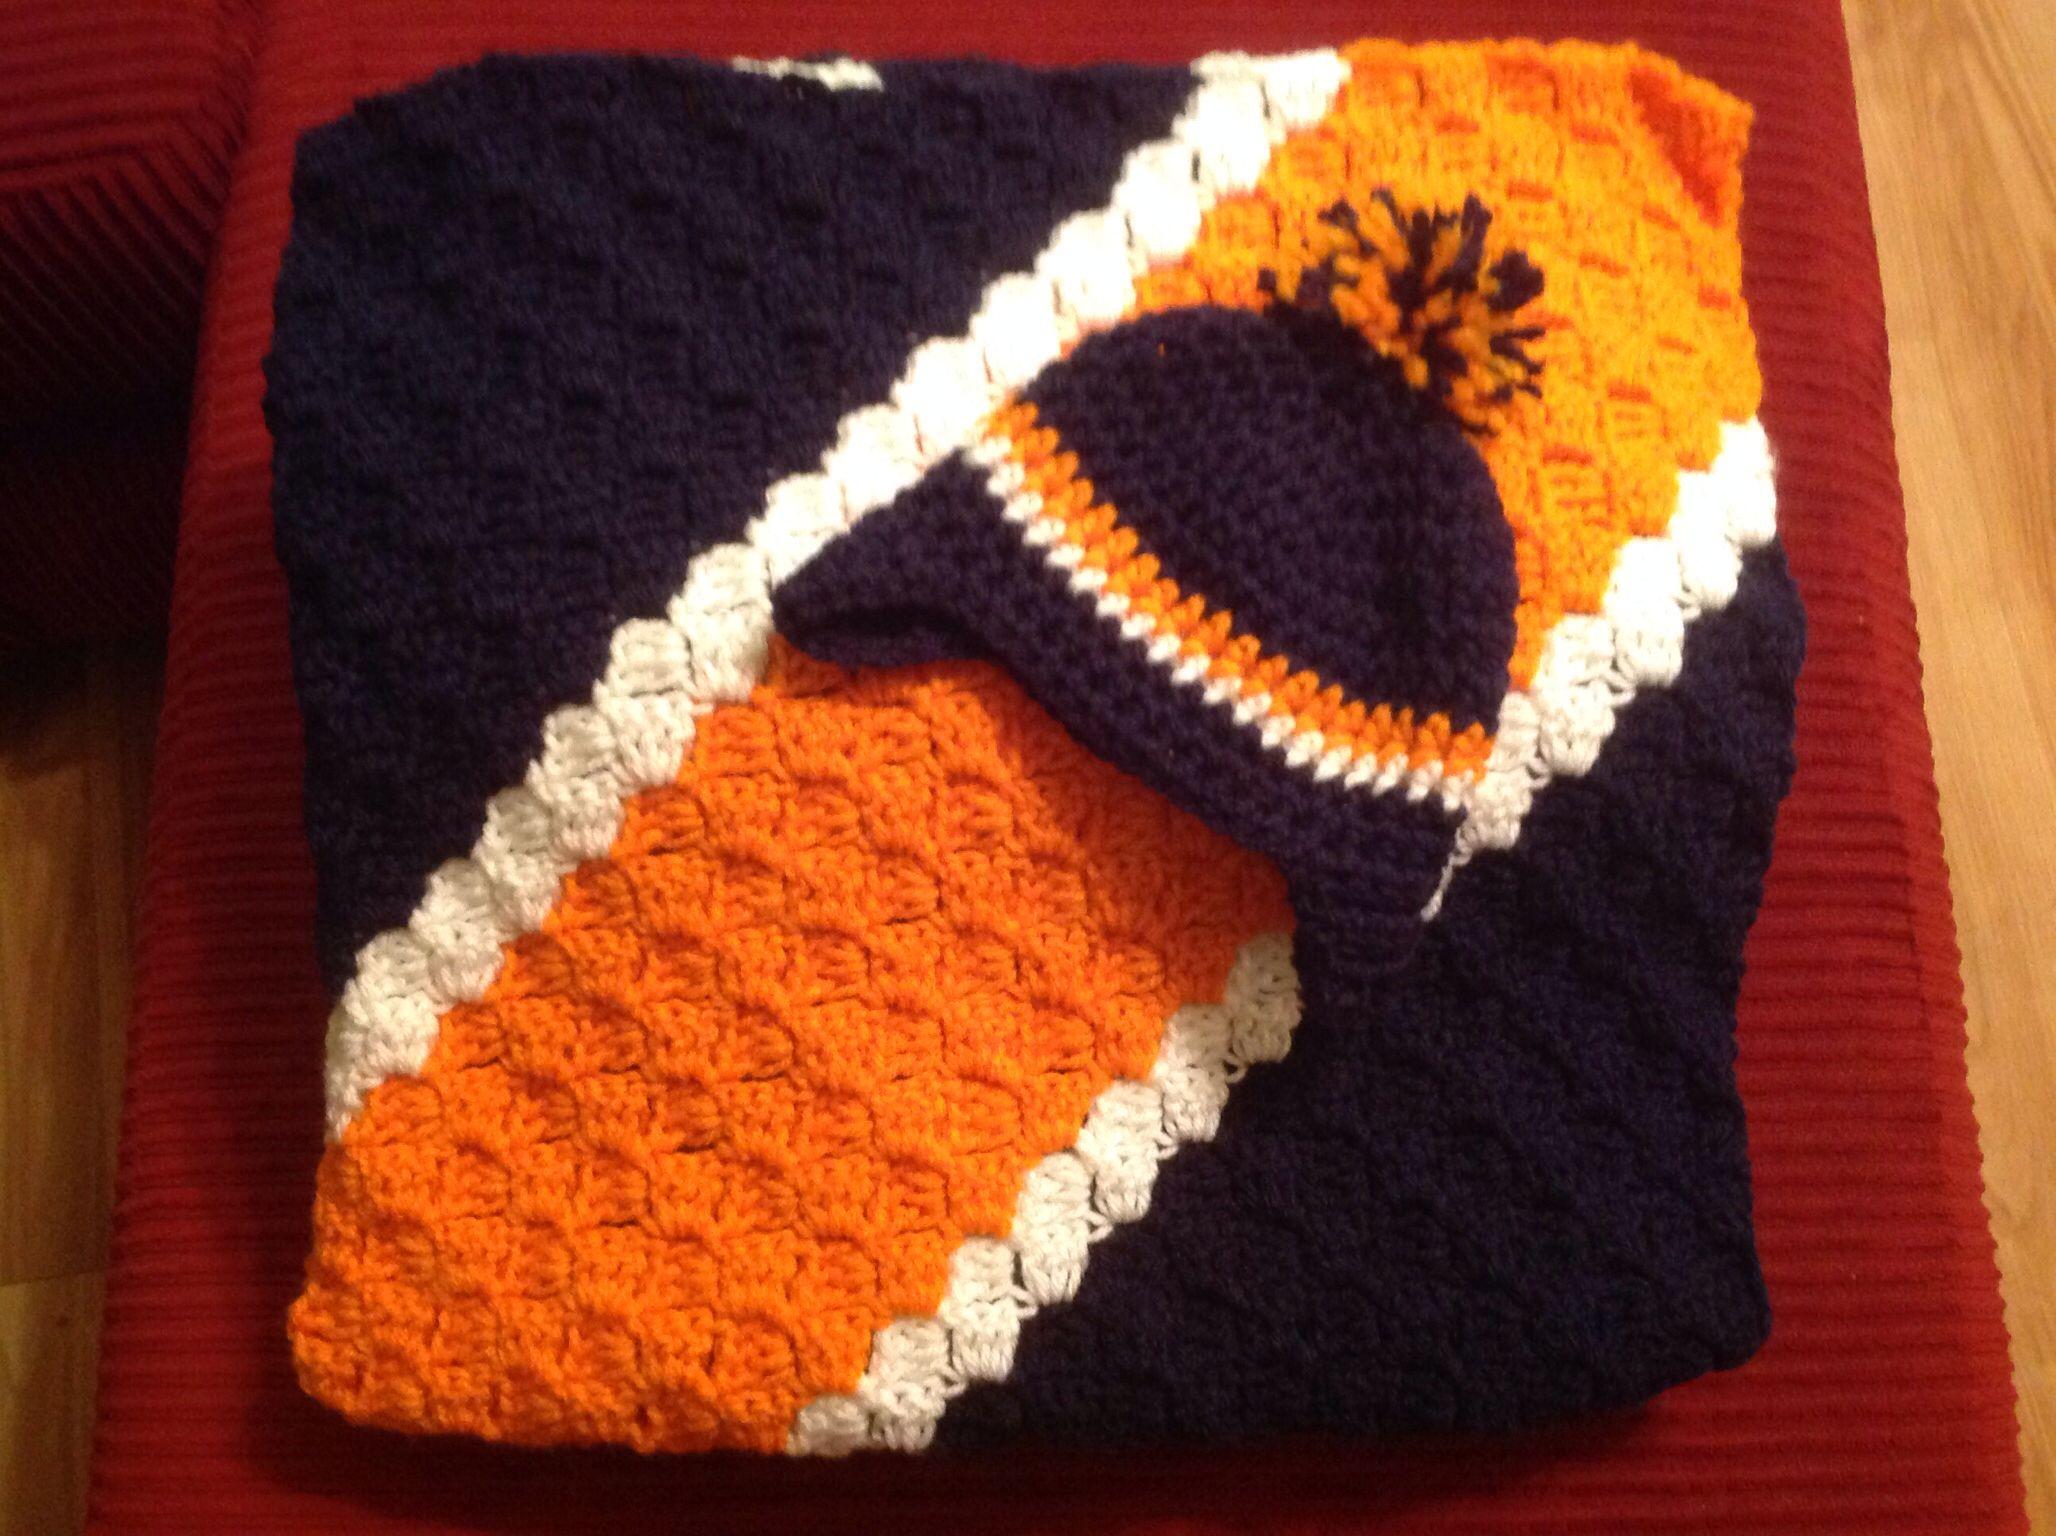 Free Crochet Pattern For Chicago Bears C : Crochet corner to corner Chicago Bears Blanket. She ...